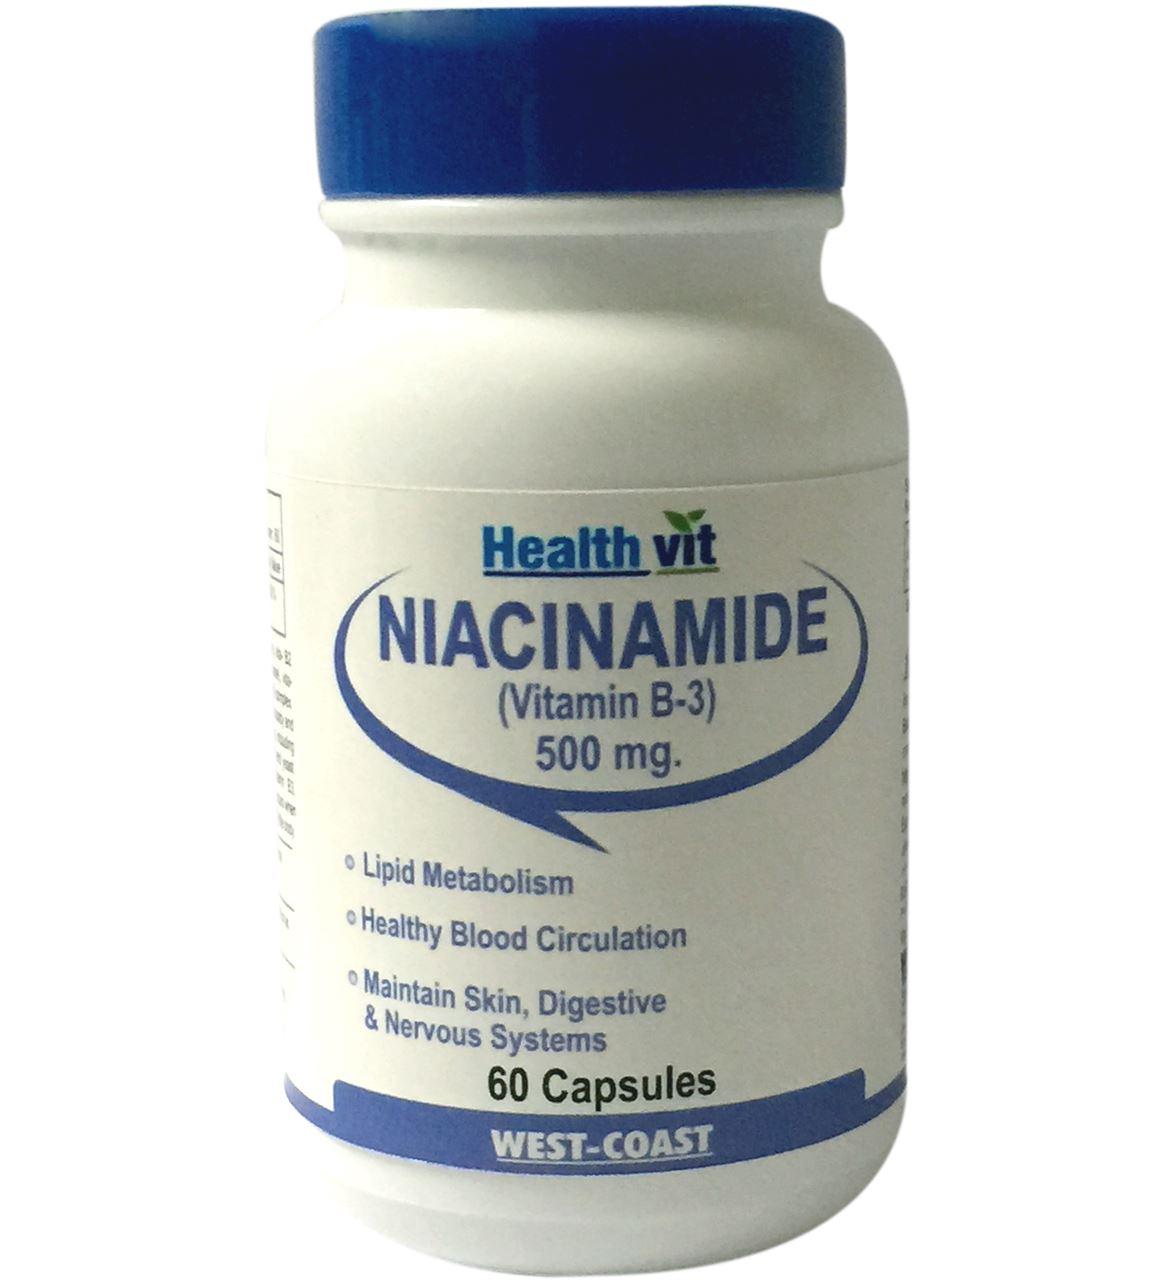 Ниациномид (никотиномид) – цены на препараты в аптеках и сети